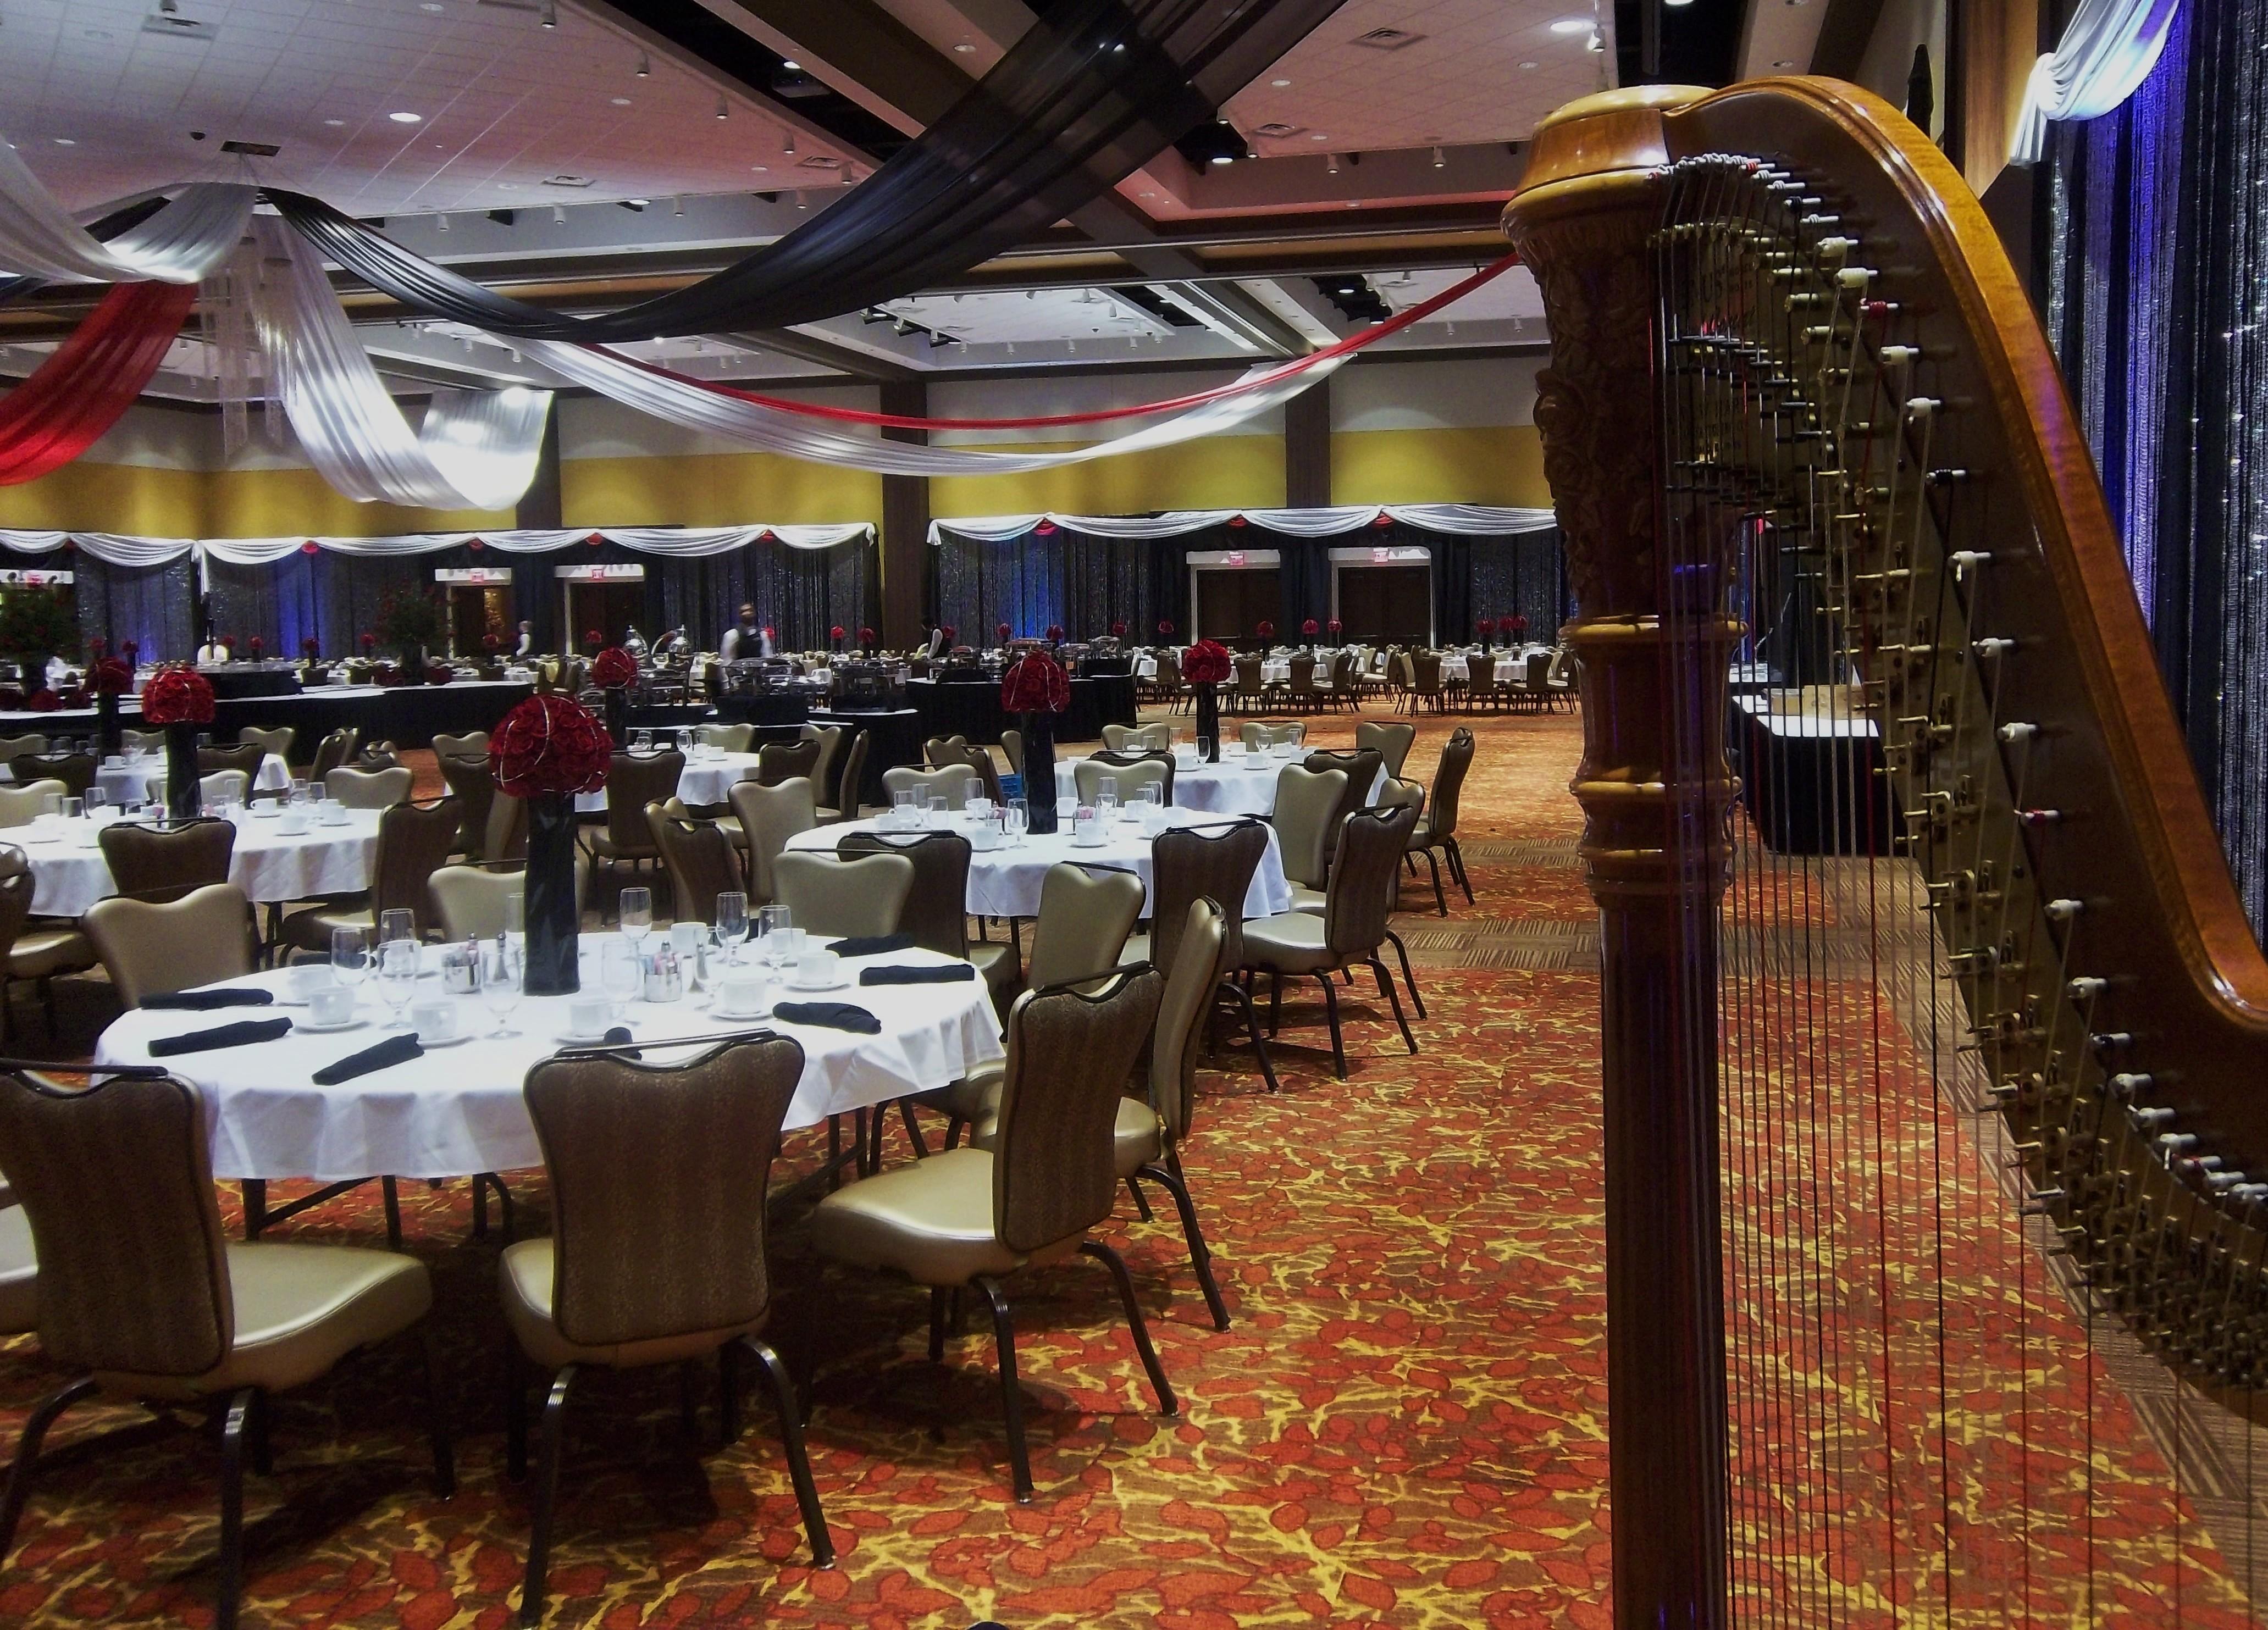 Newest casino in michigan hotel gran casino los teques